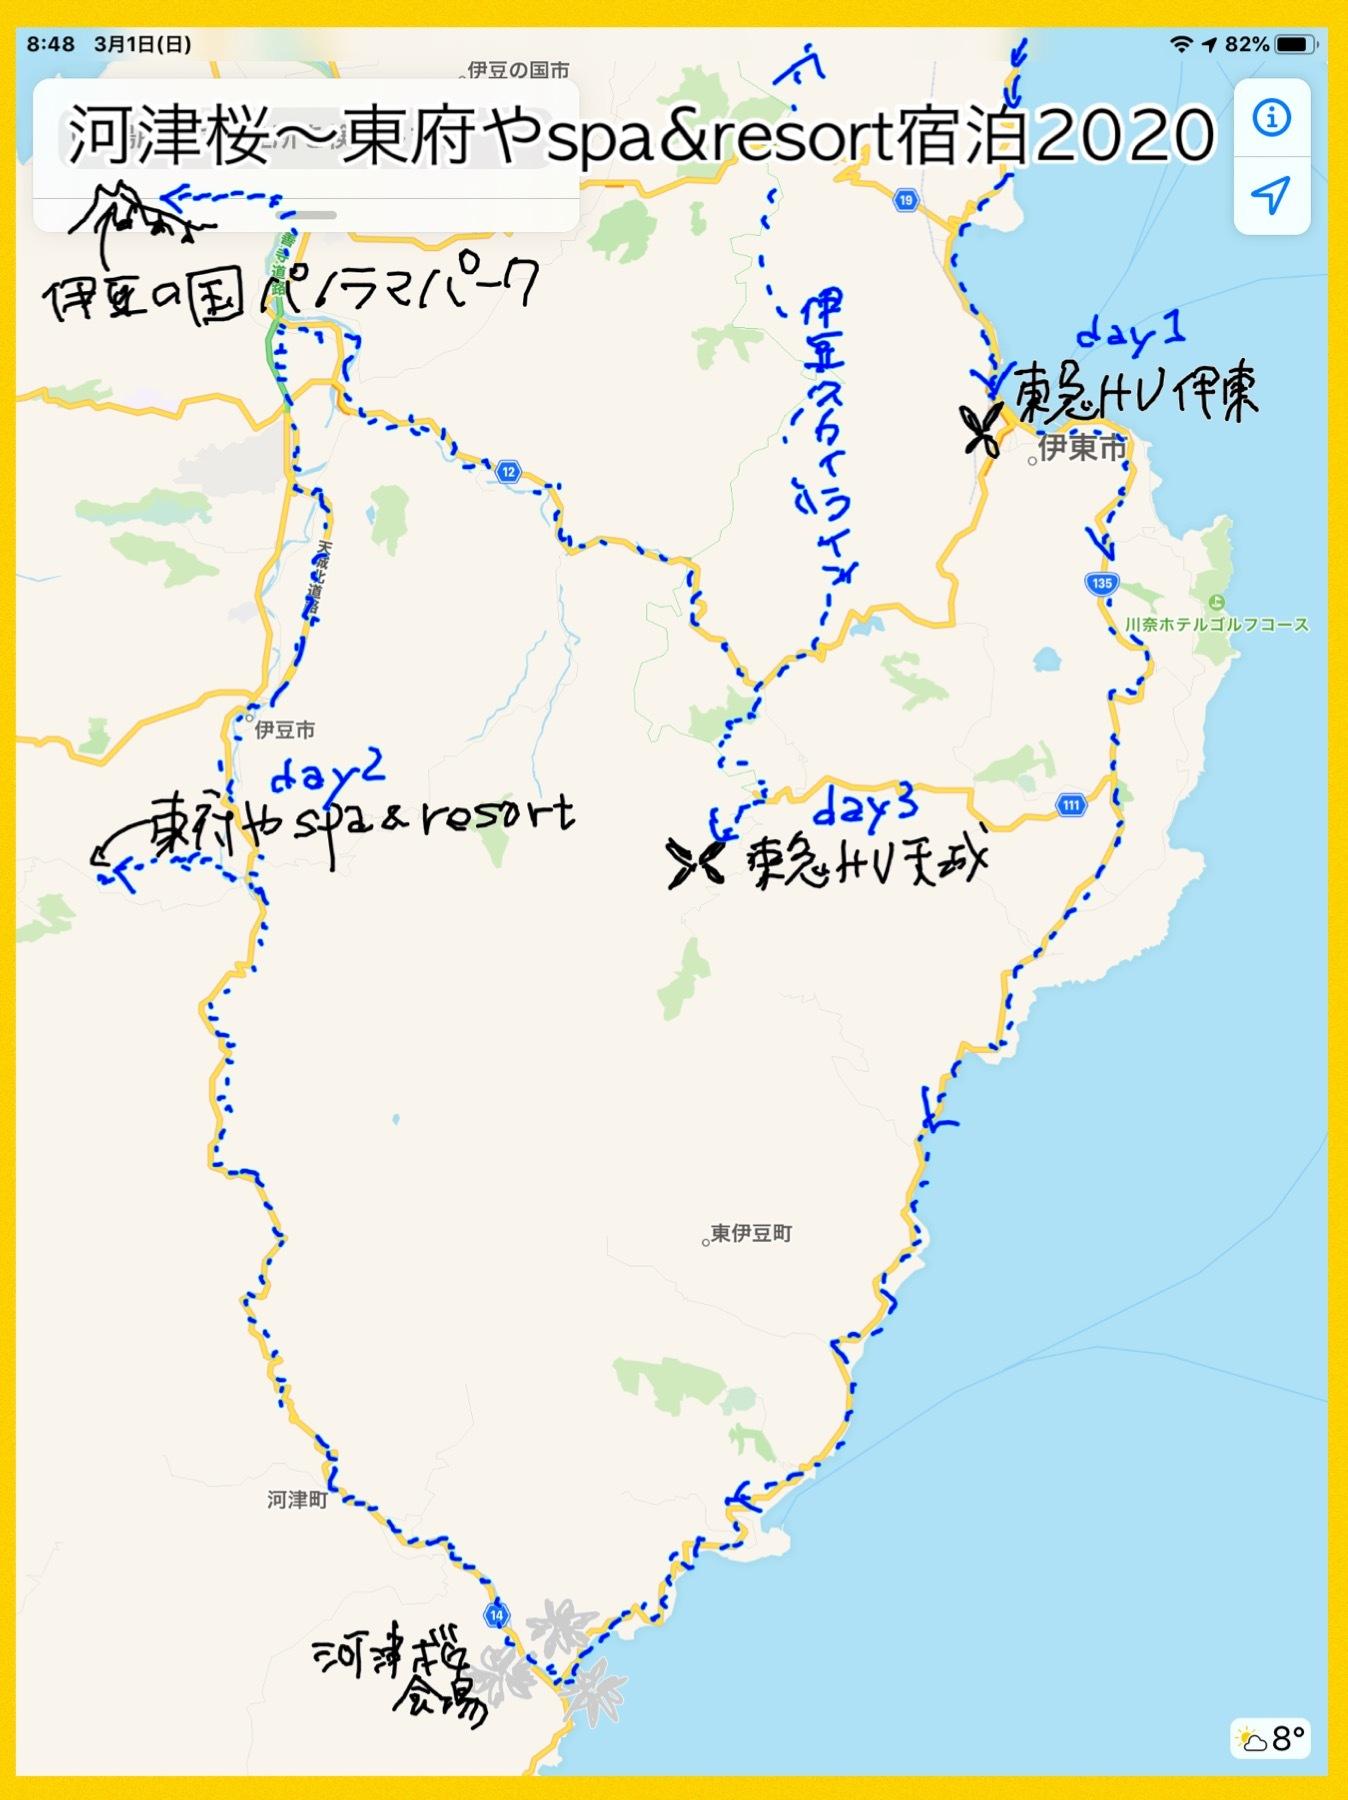 伊東〜河津桜〜東府やリゾート&スパ伊豆〜天城ドライブ旅行行程